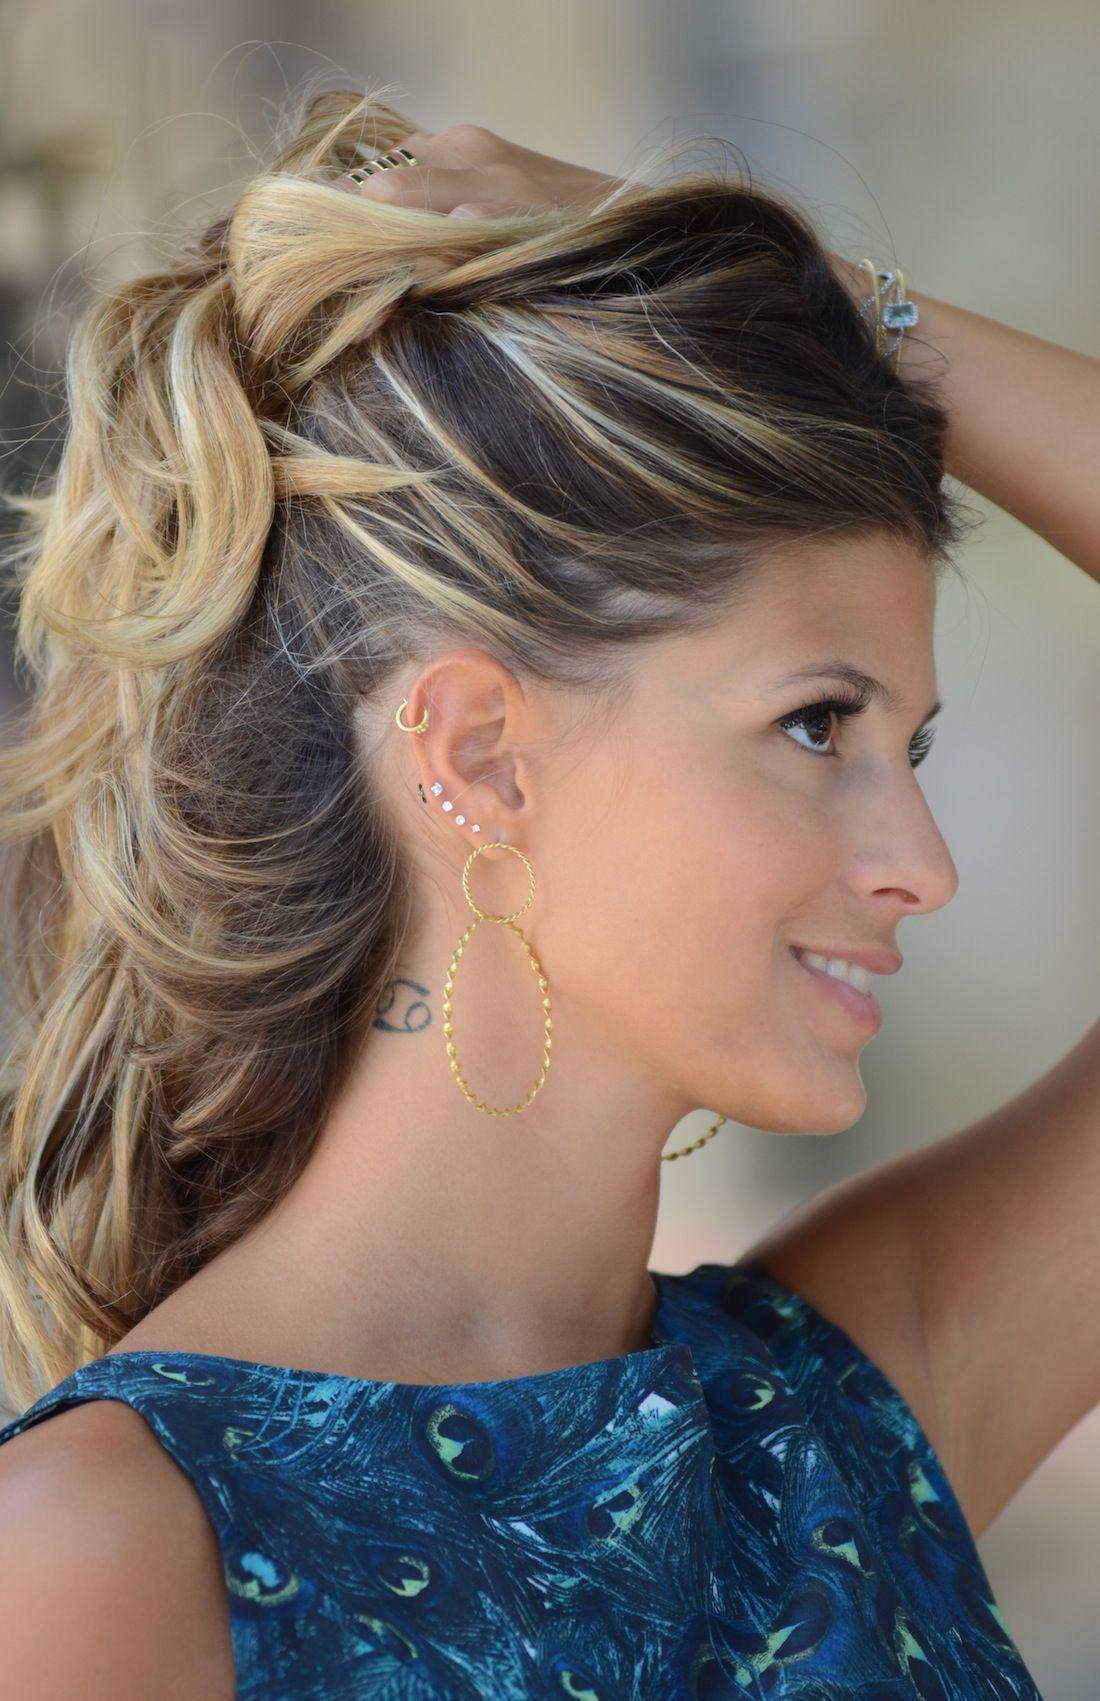 """Foto: Reprodução / <a href="""" http://annafasano.com.br/summer-look-sampa40graus/"""" target=""""_blank"""">Anna Fasano</a>"""